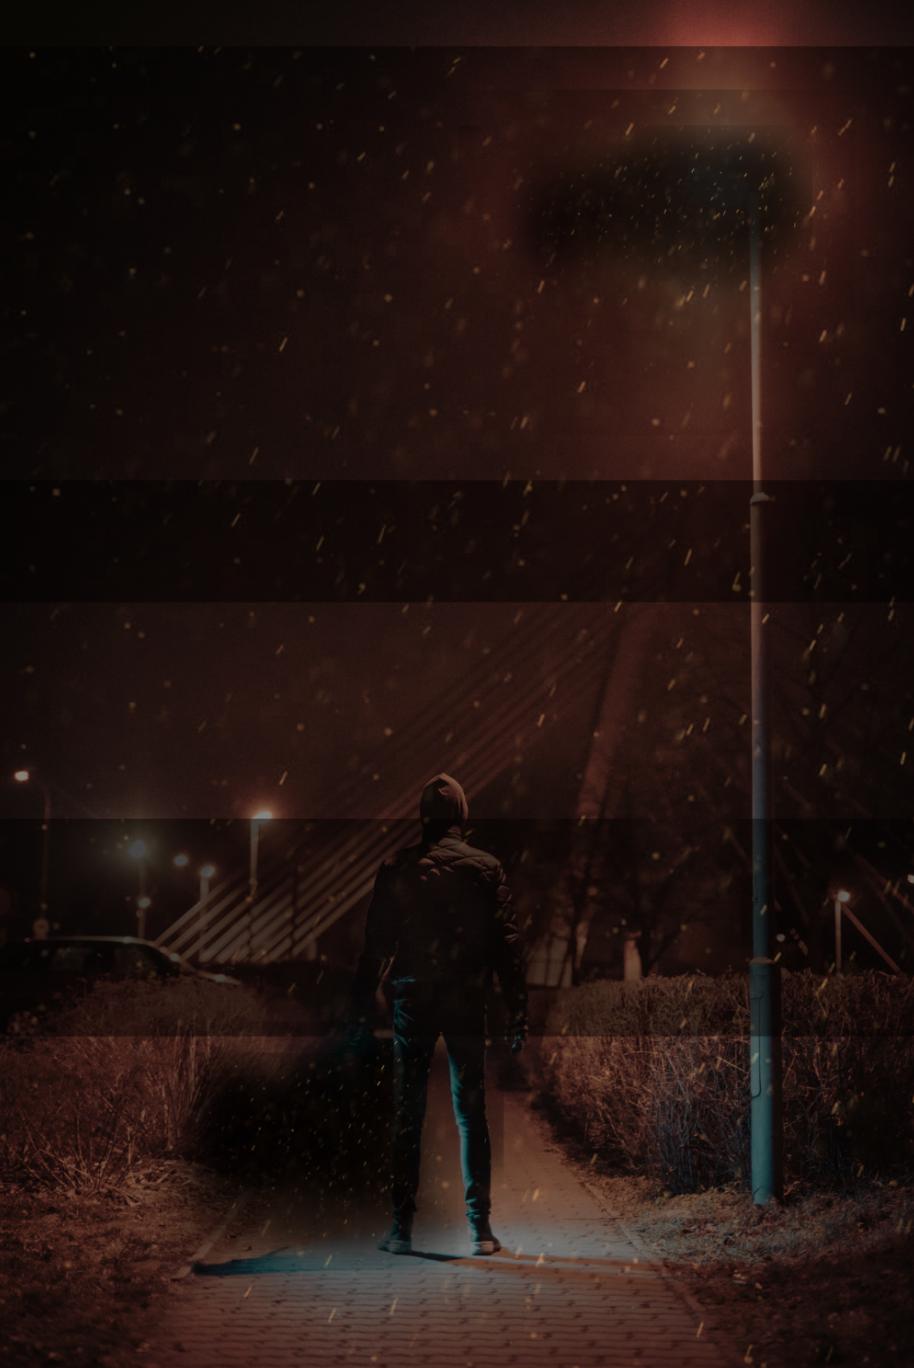 So fügen Sie Ihrem Foto Schnee hinzu: Arbeiten Sie mit Ebenen